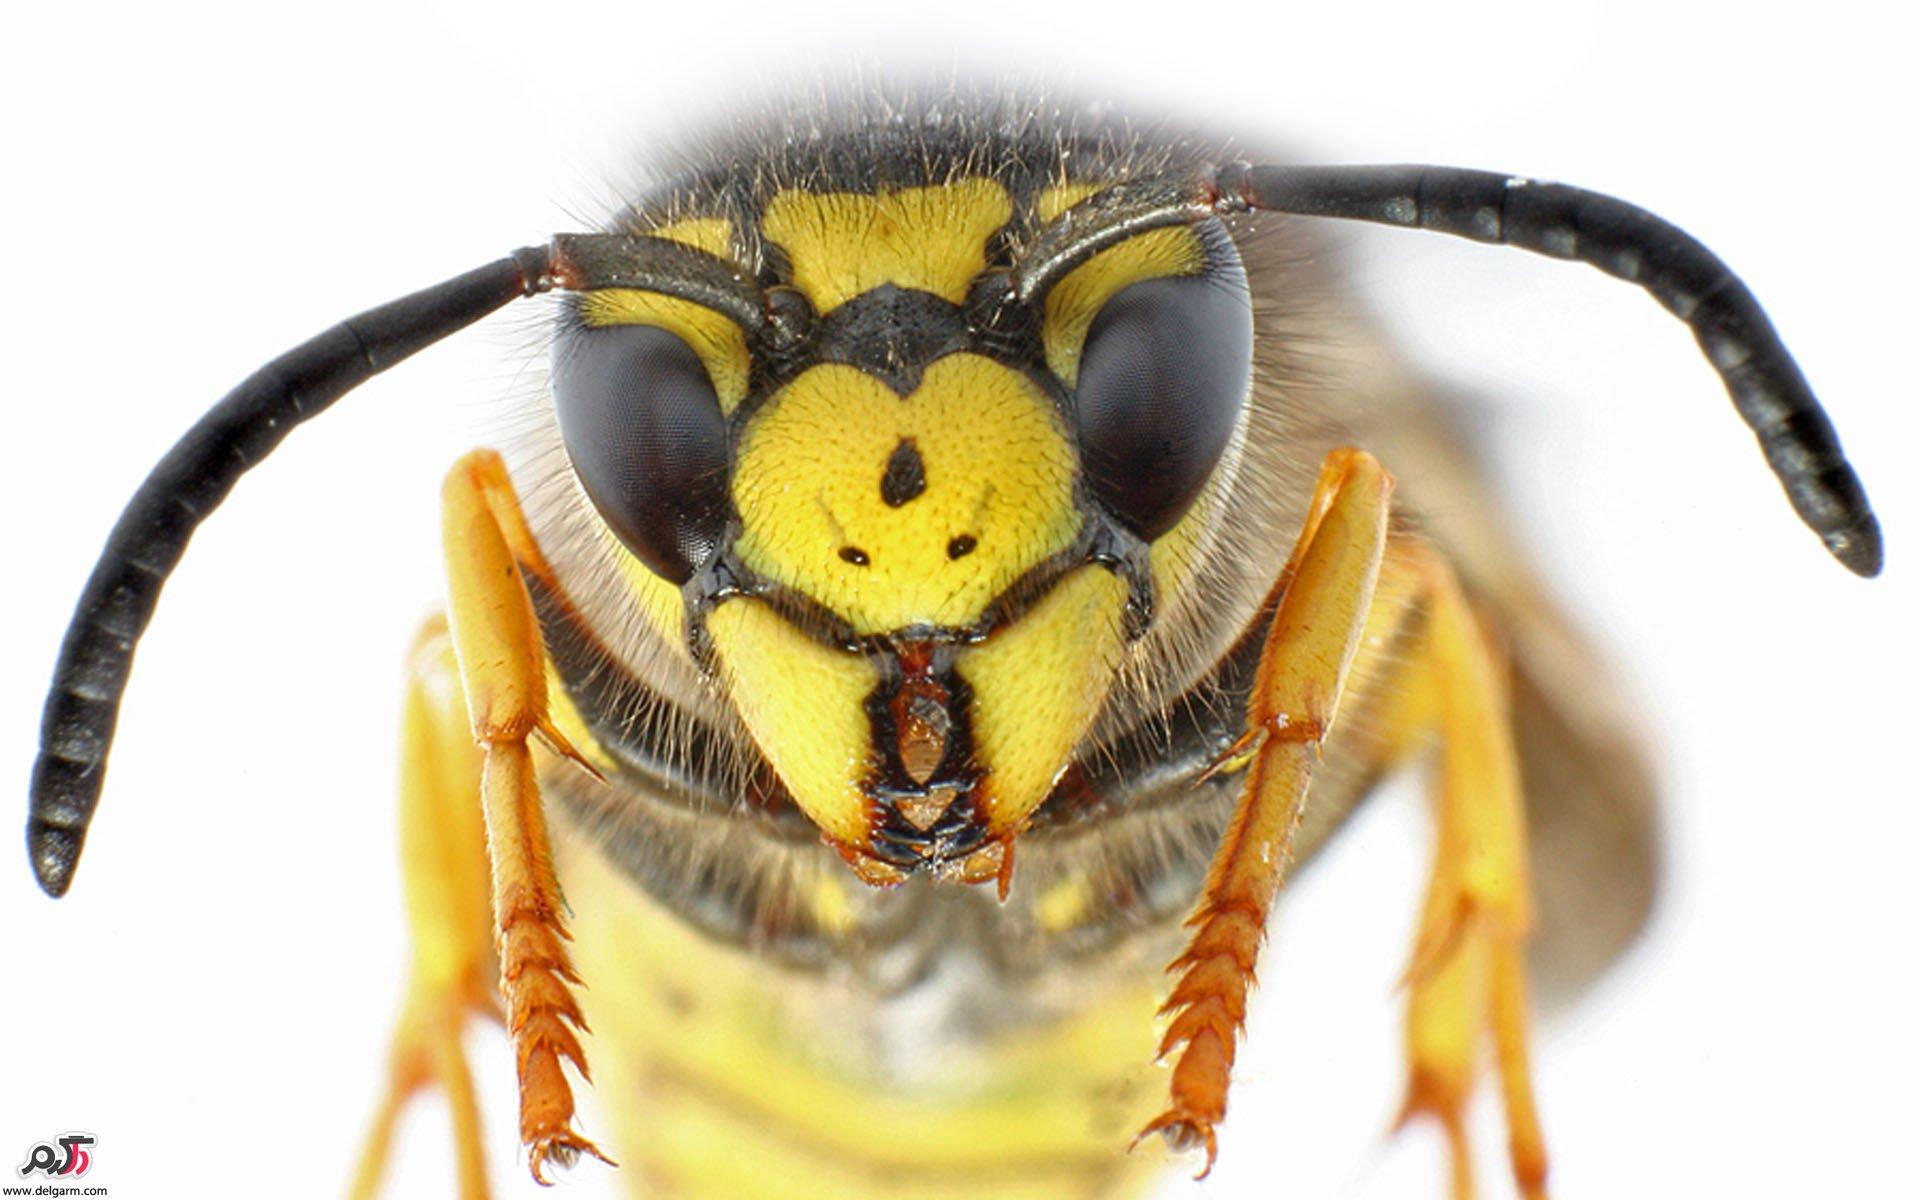 درمان خانگی نیش زنبور (درمان نیش زنبور با داروهای گیاهی)